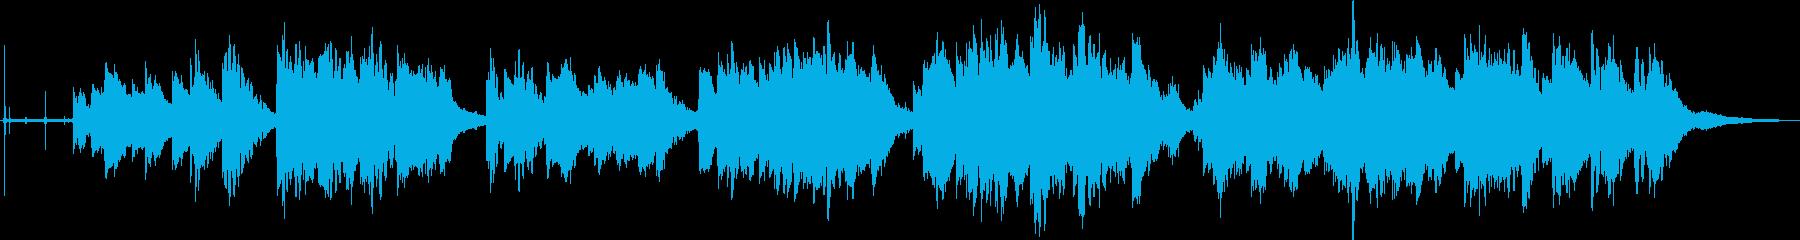 1870年スイスのオルゴール:「ウ...の再生済みの波形